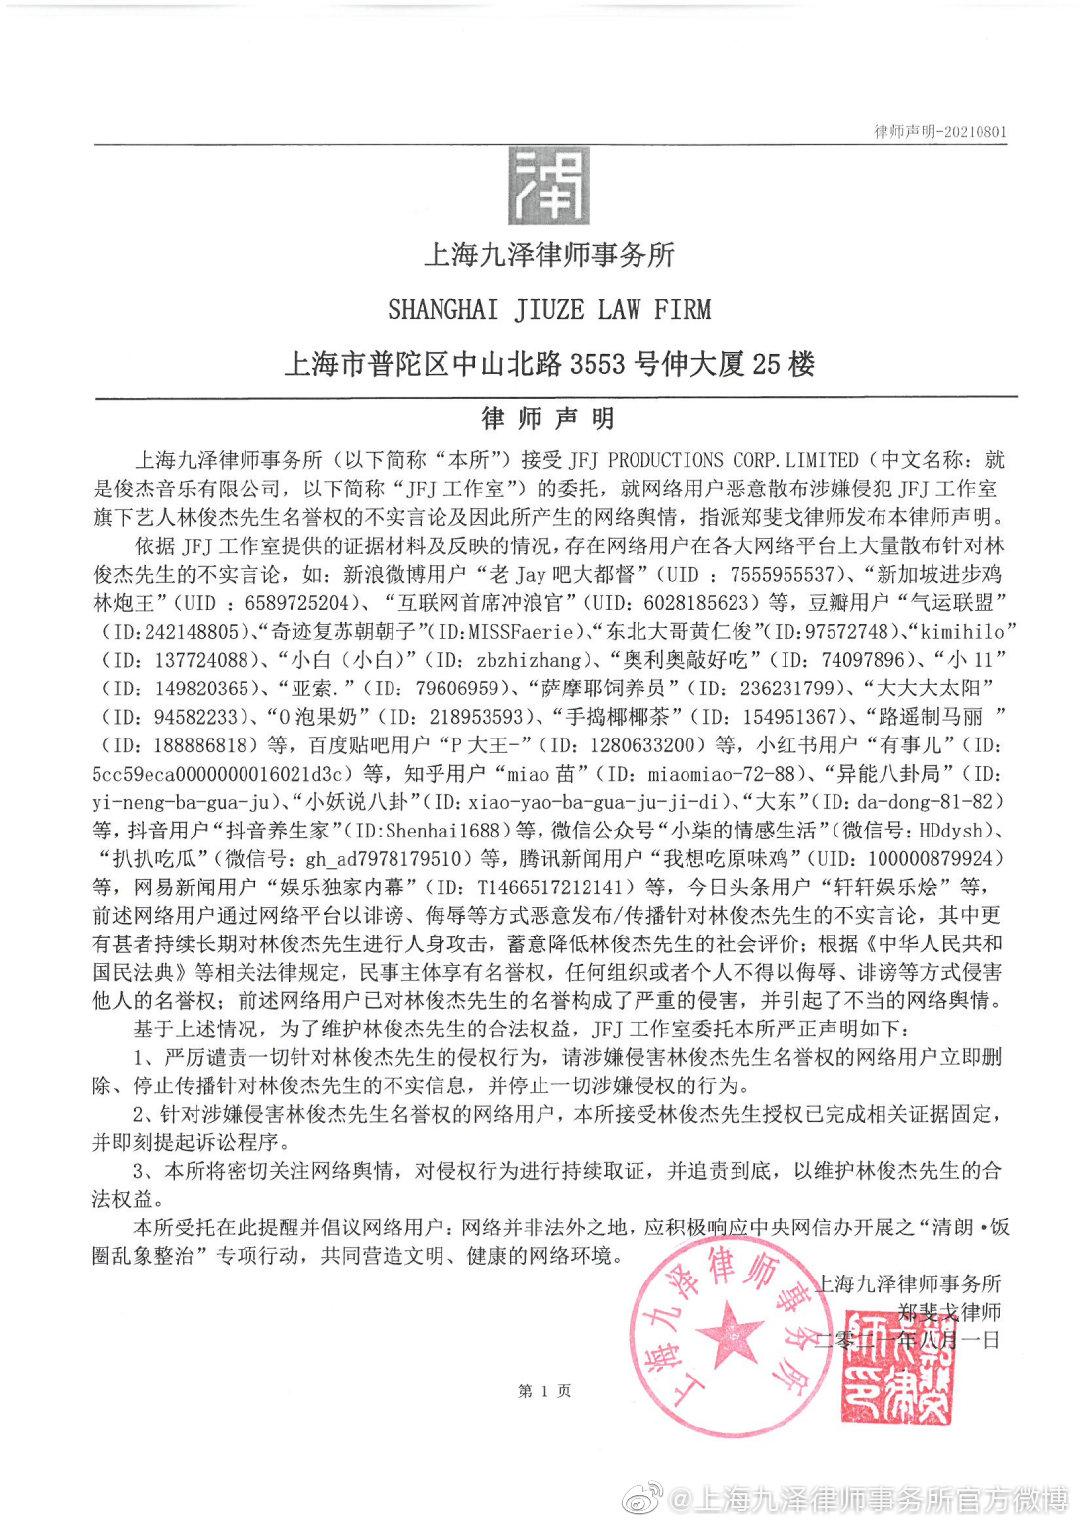 图片来自上海九泽律师事务所官方微博